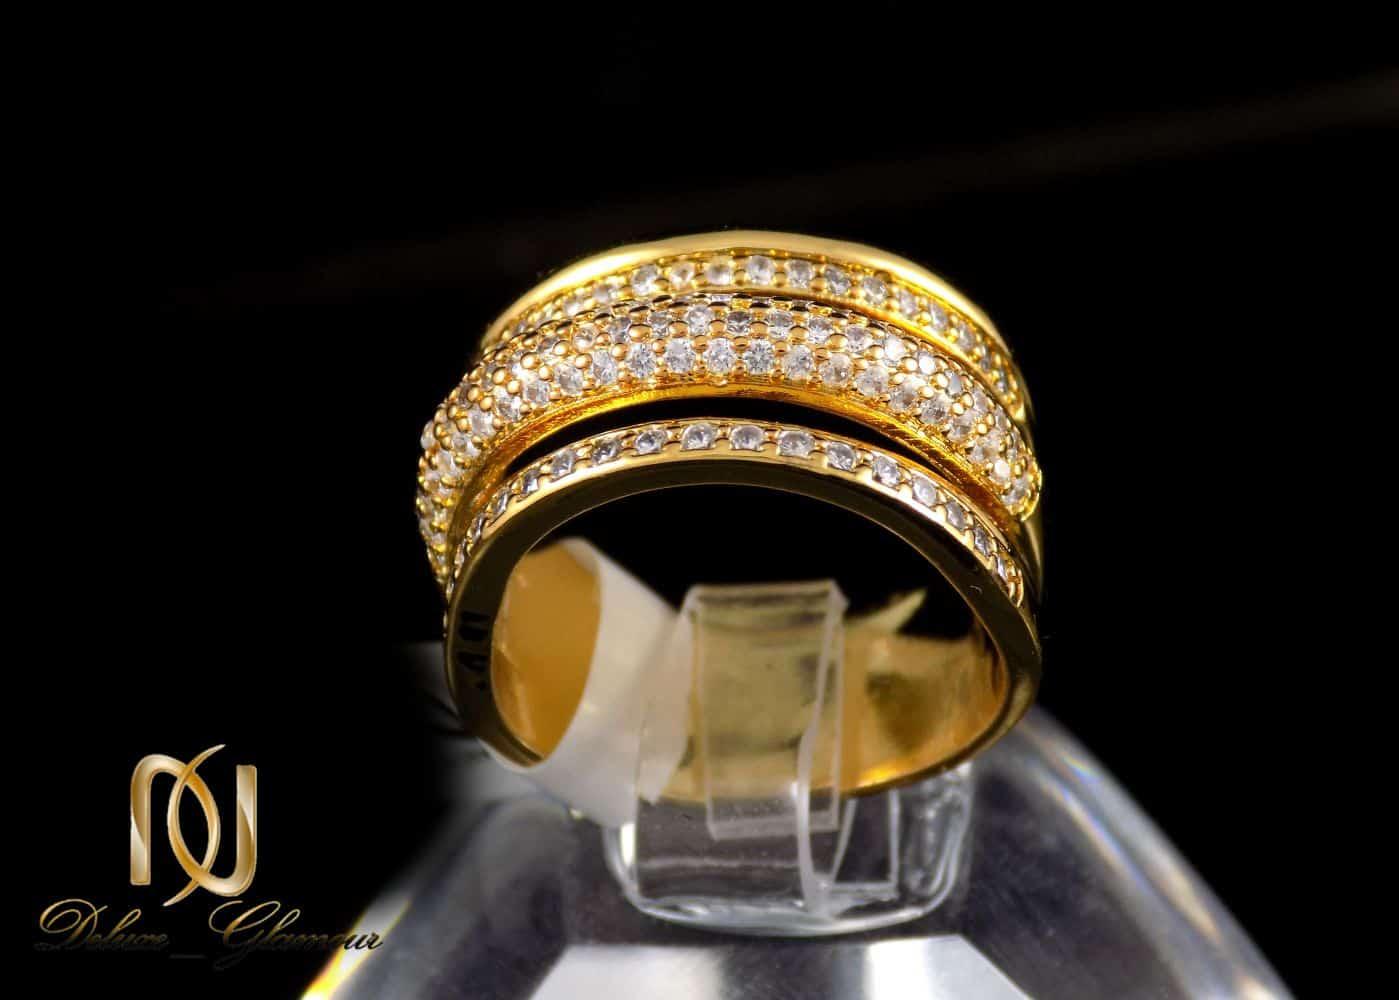 انگشتر زنانه استیل سه رج با روکش آب طلای 18 عیار RG-N173 از نمای مشکی